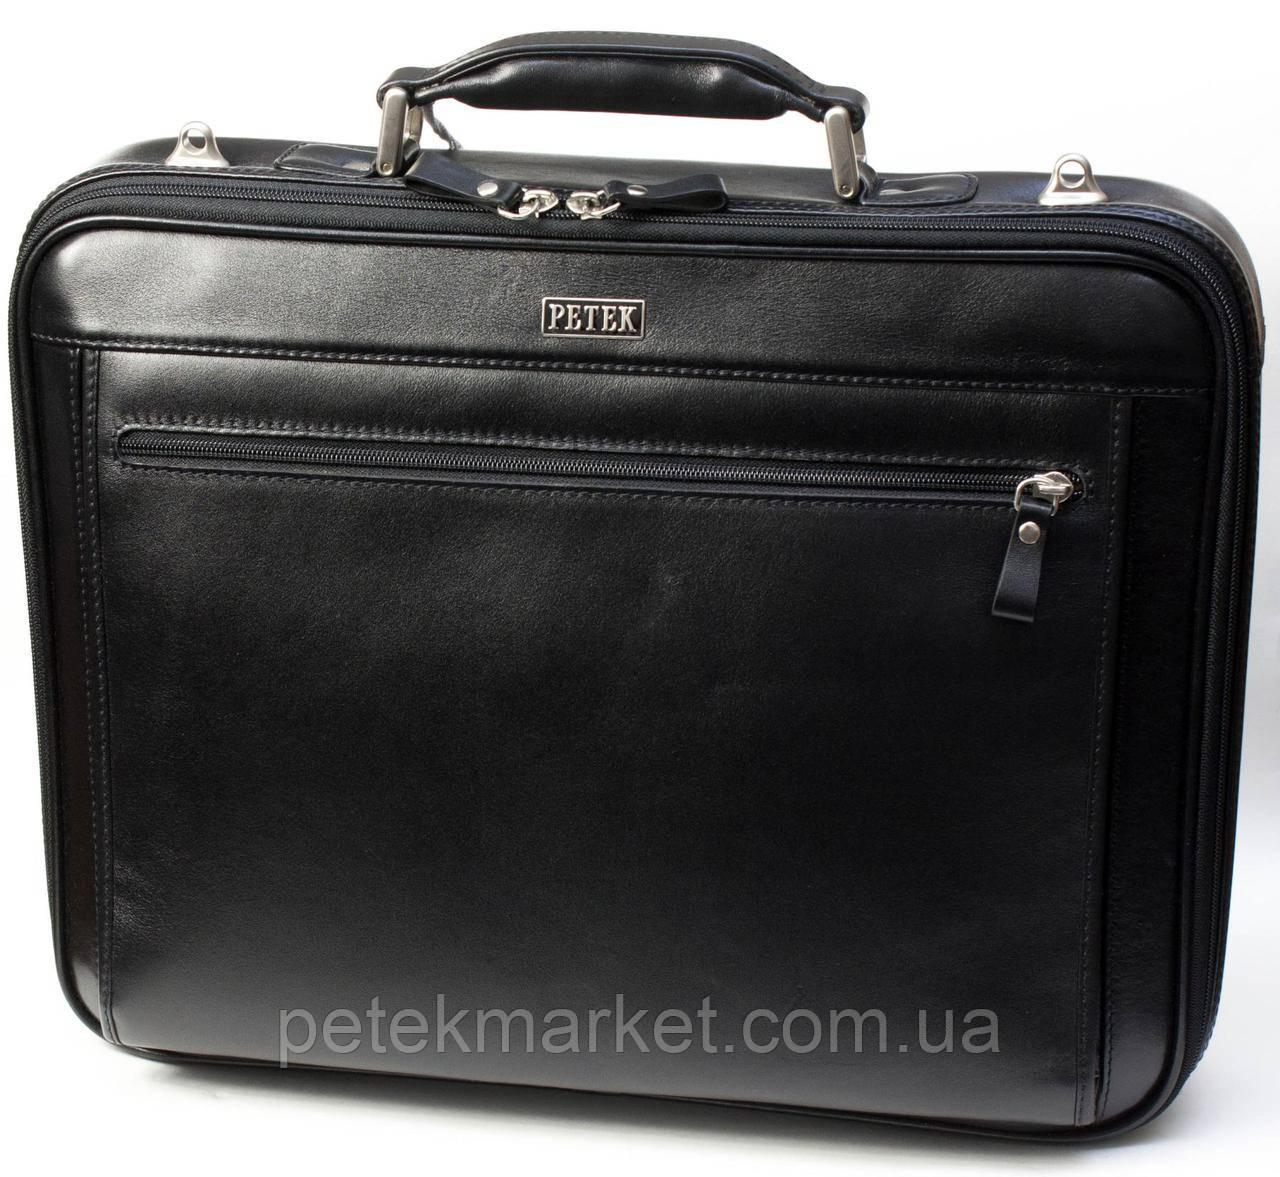 e536caaec638 Портфель мужской PETEK 3870 Черный (3870-000-01) - Ваш любимый магазин